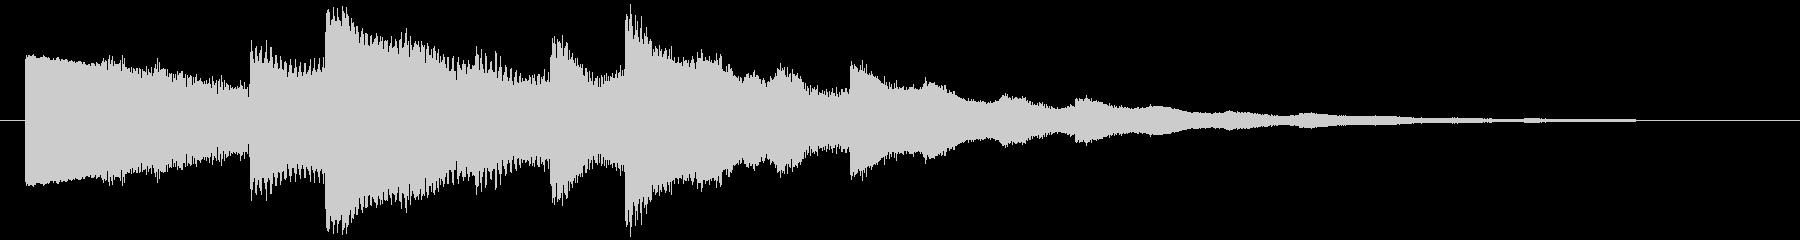 ベルの静かな場面転回音3の未再生の波形